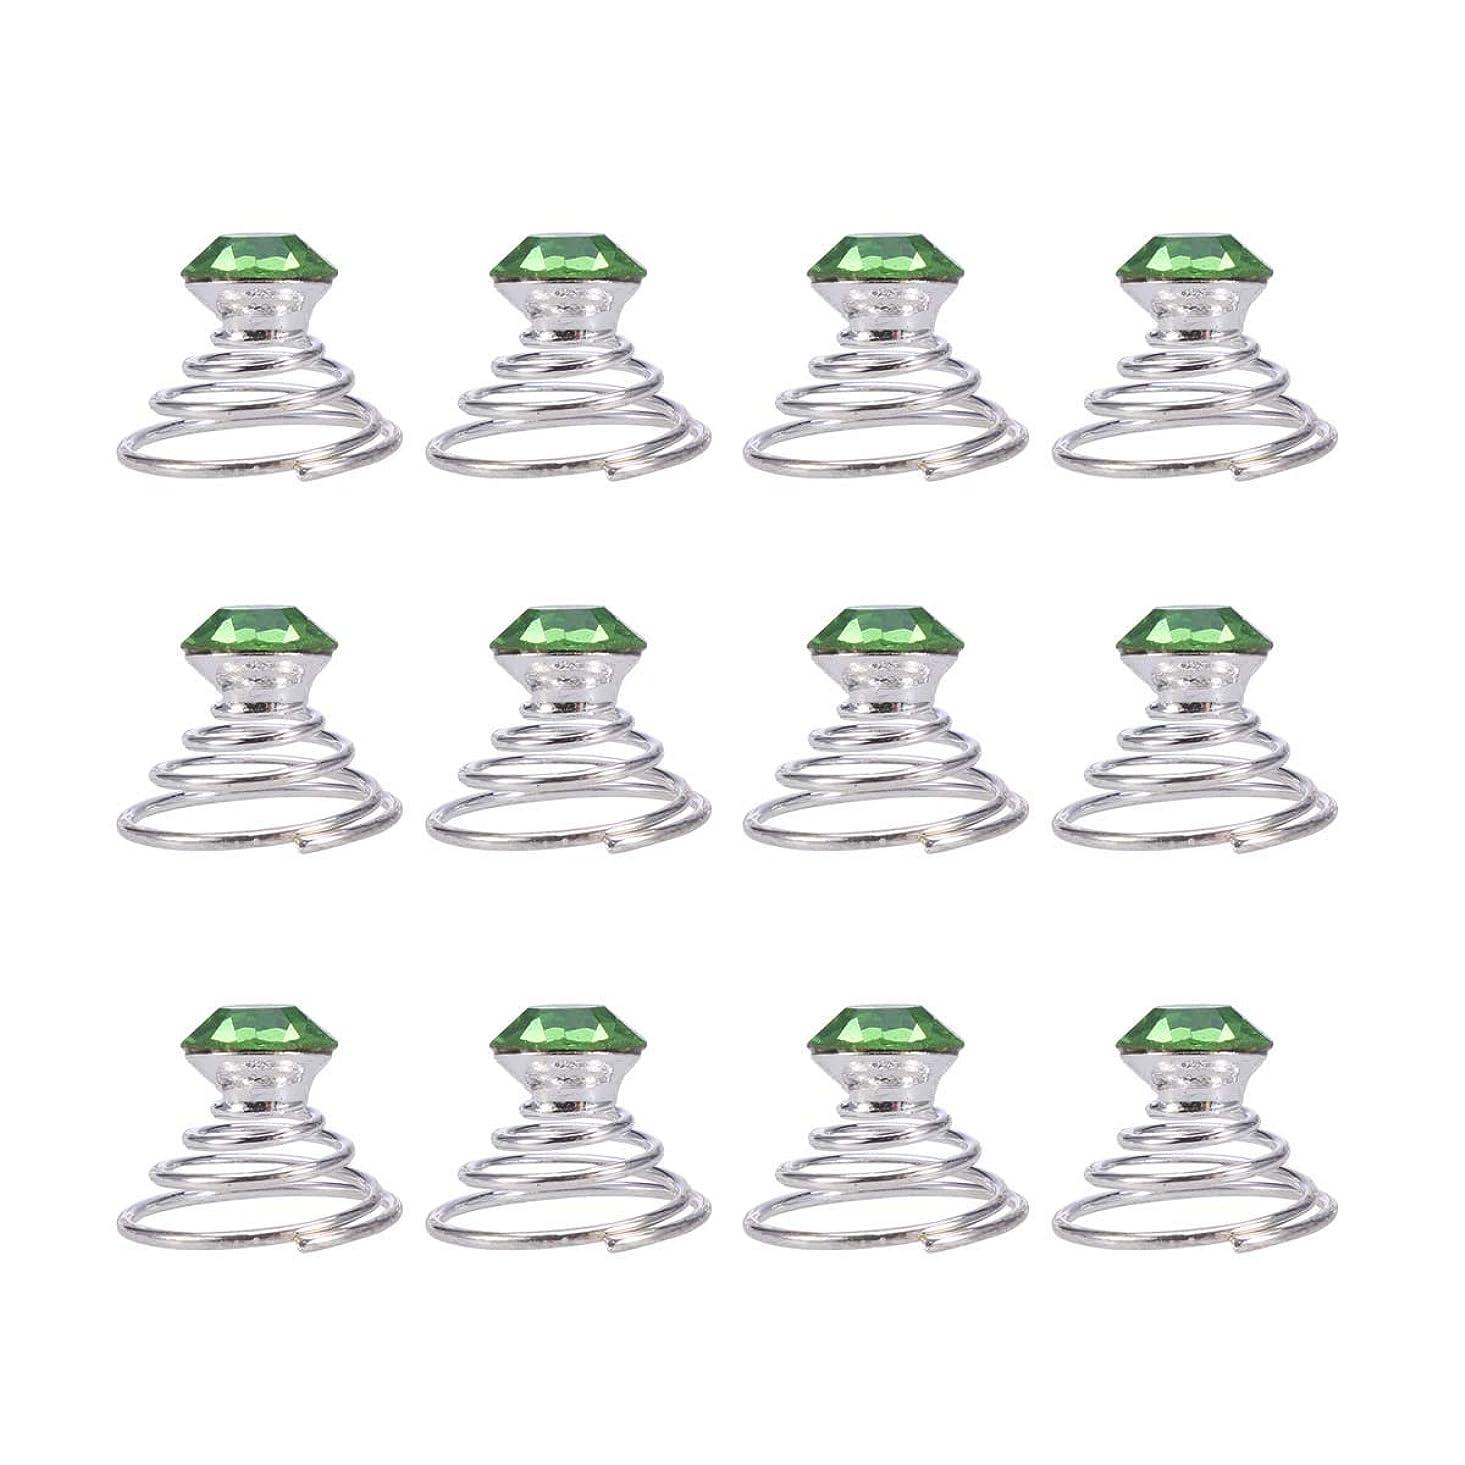 ガレージリード遊び場Lurrose 結婚式のための12本のラインストーンヘアピンツイスターコイルスパイラルヘアピンブライダルヘアアクセサリー(グリーン)